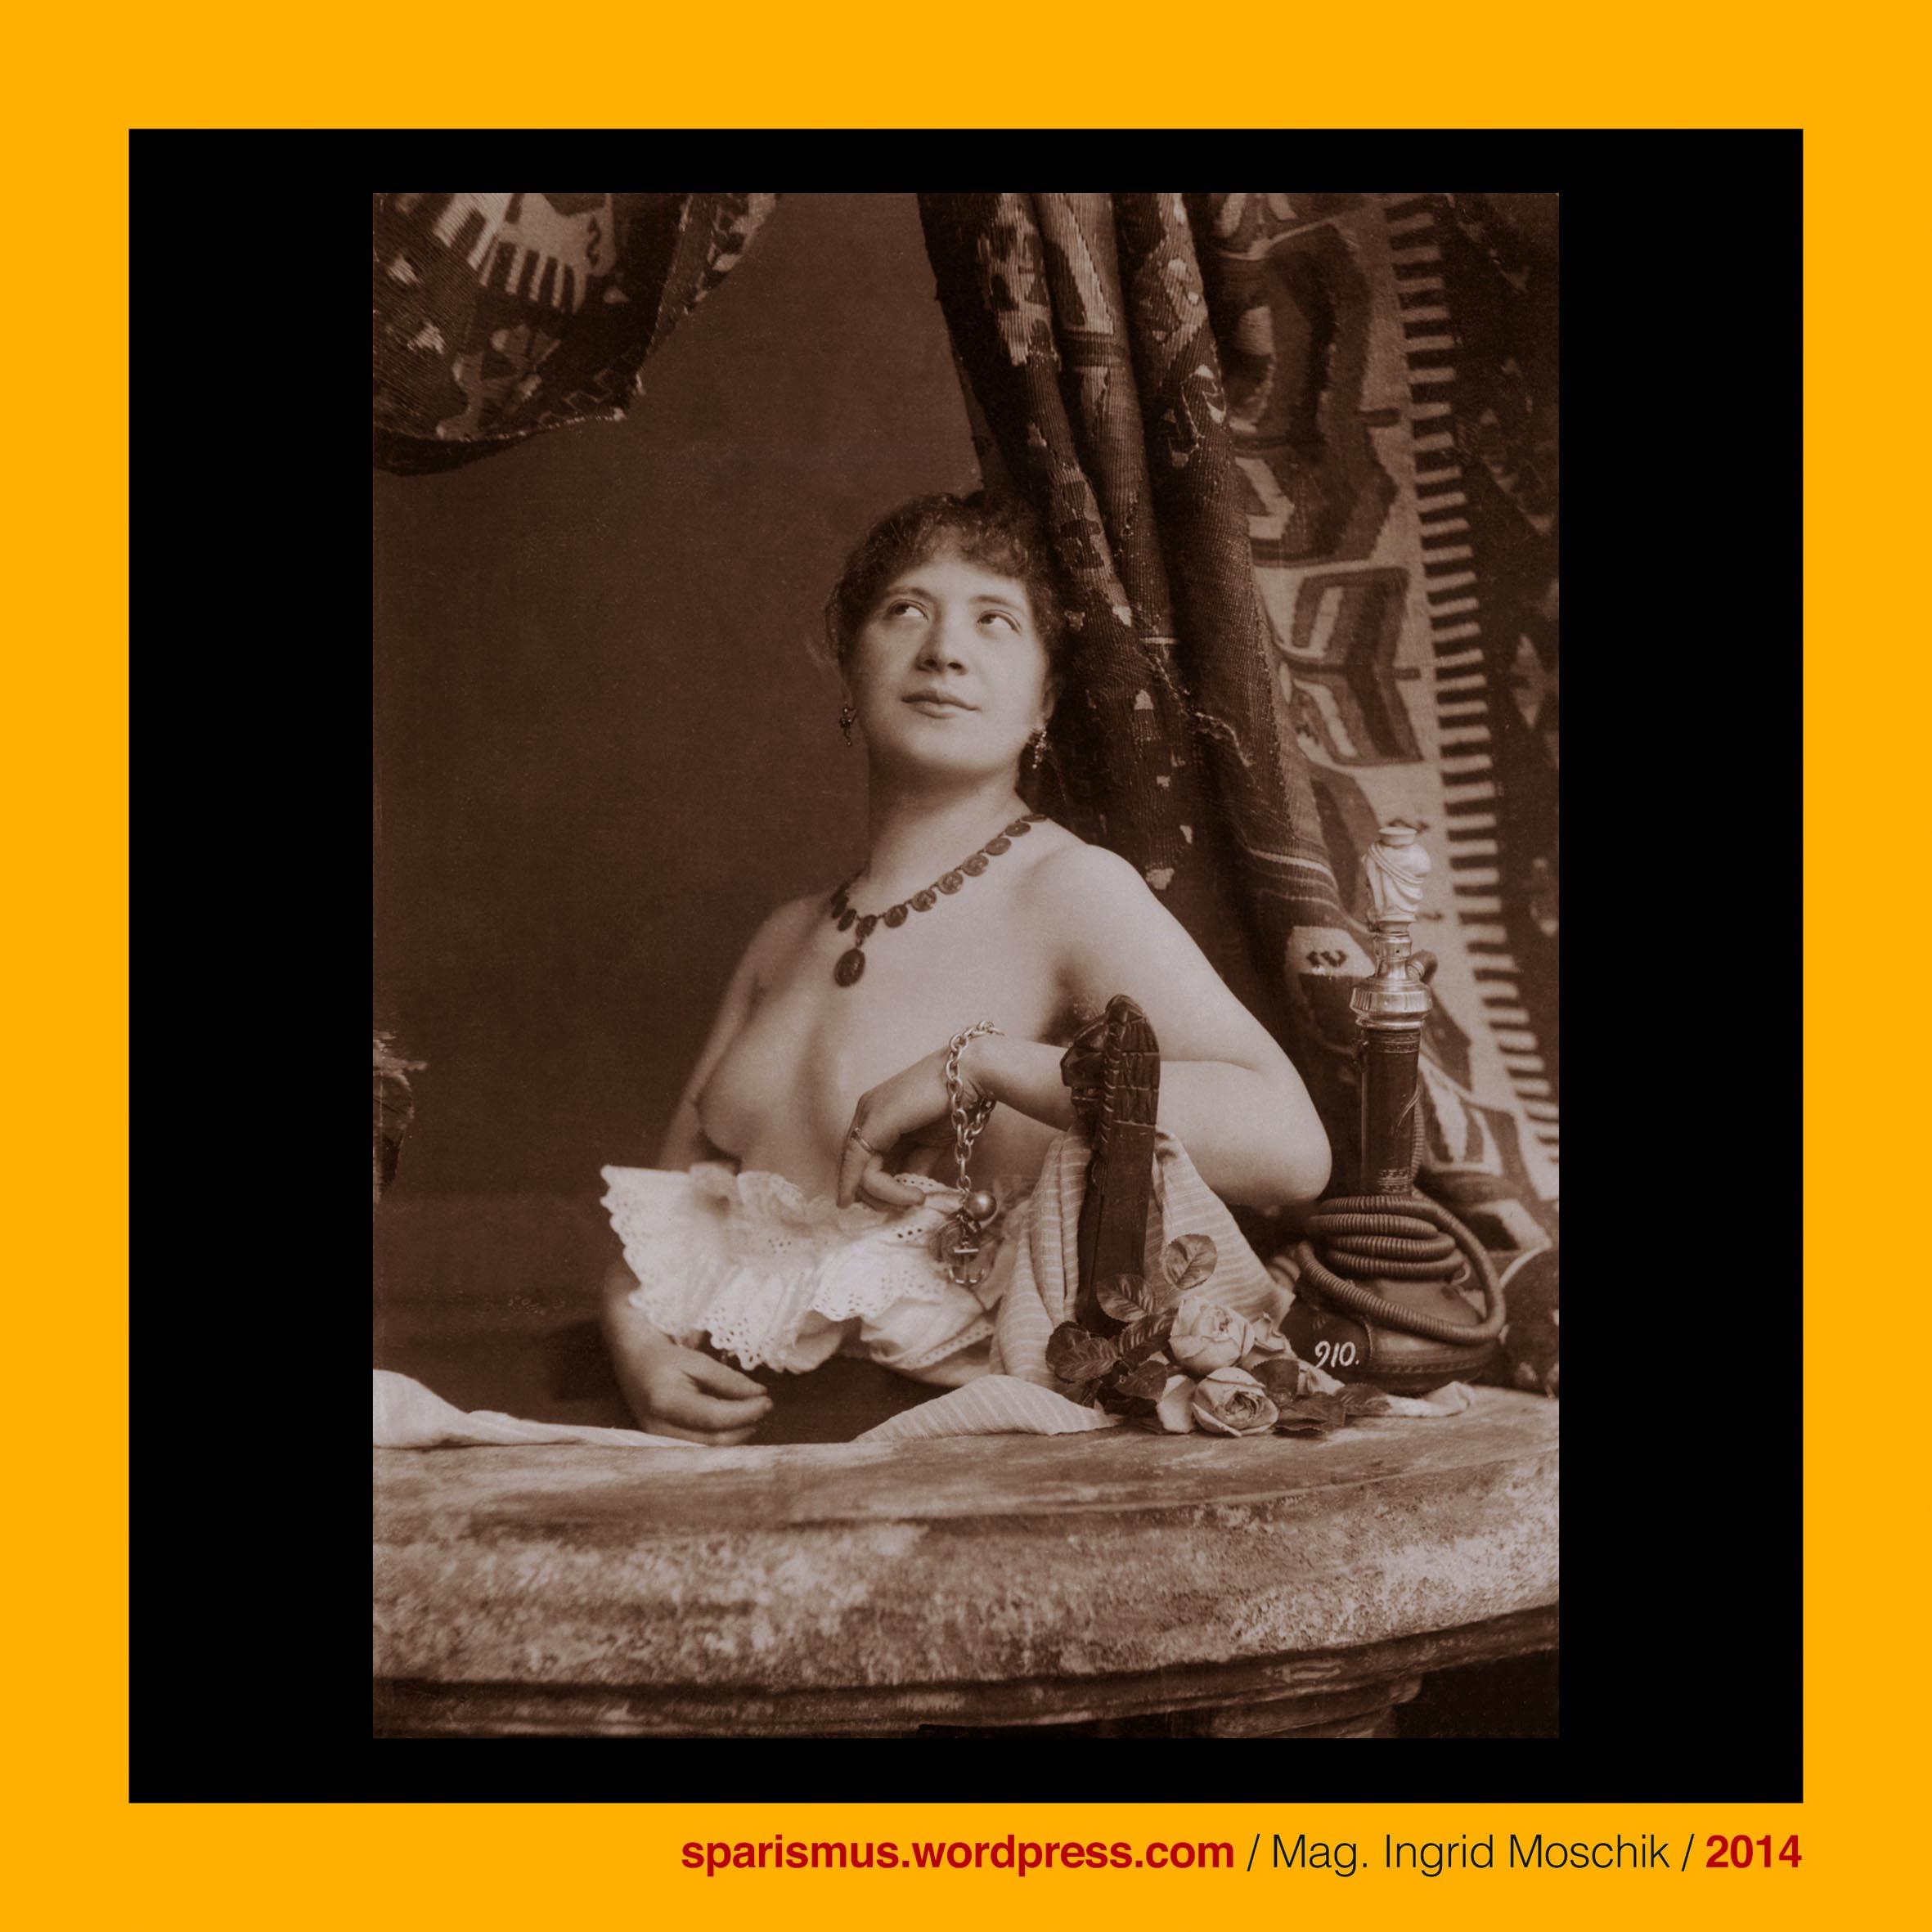 Otto Schmidt schmucke Wiener Julia um 1900 unter Kelims am Balkon